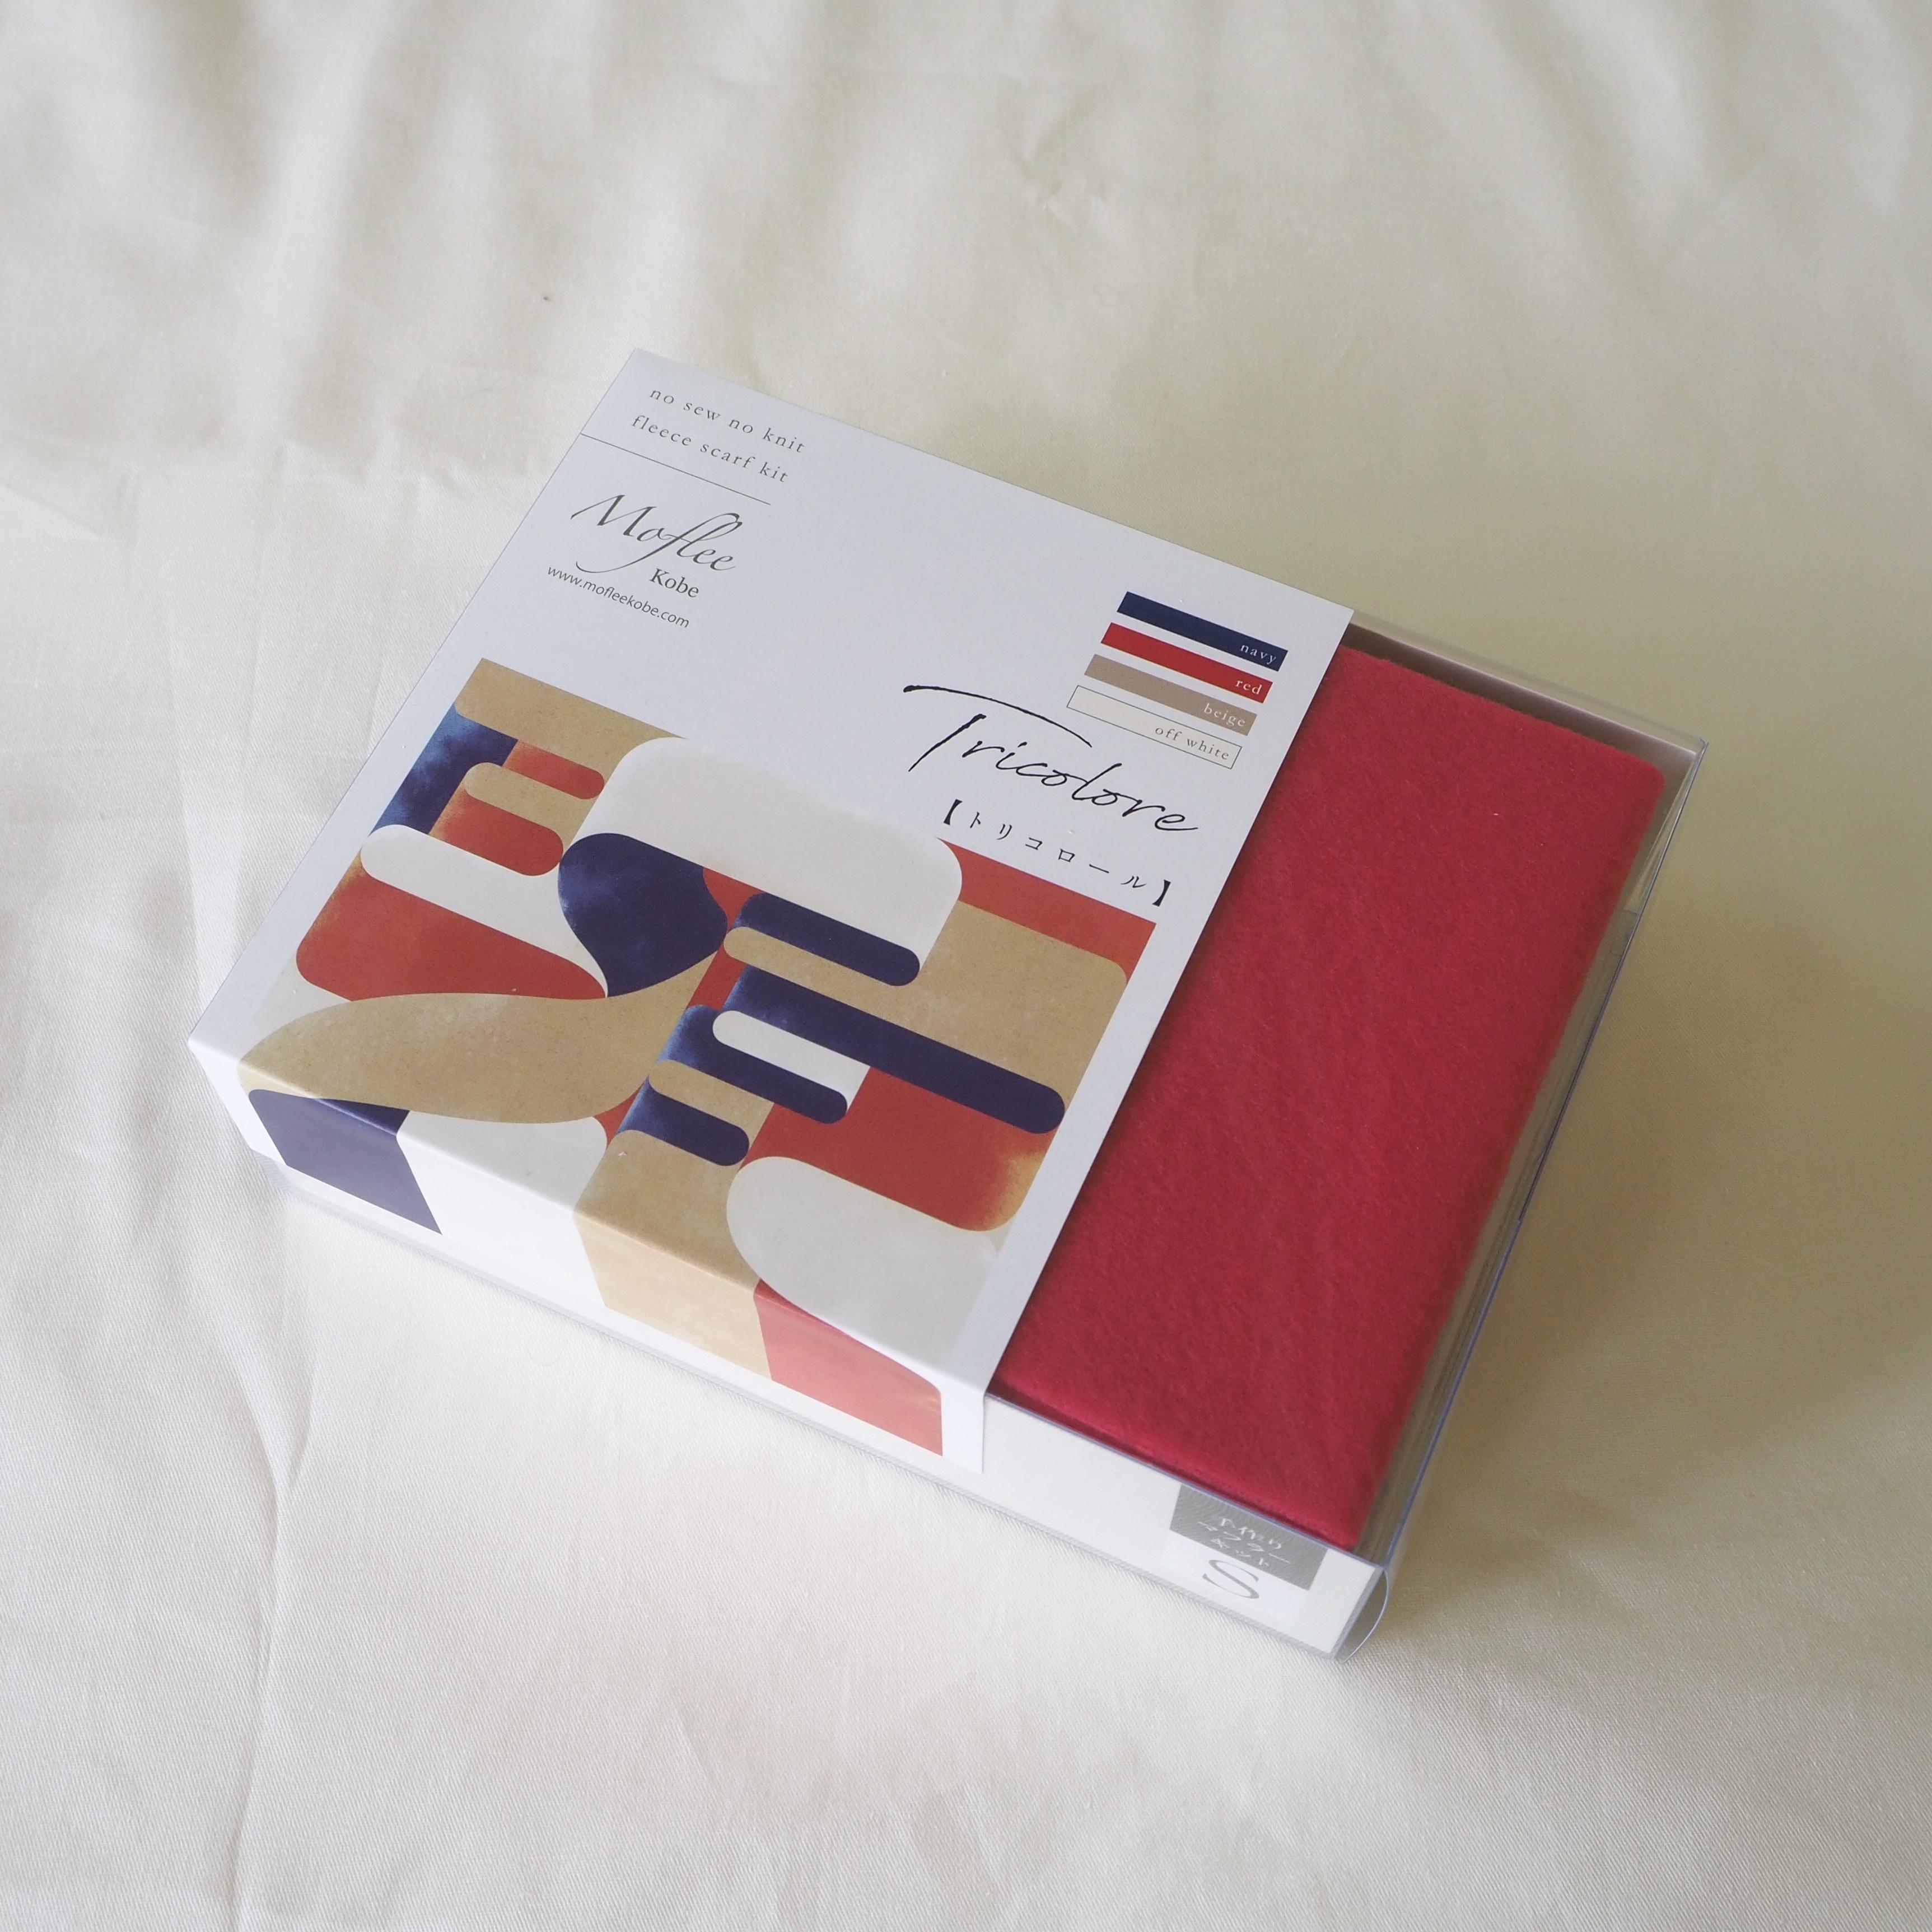 動画付手作りマフラーキット【モフリーBox Kit】トリコロール ◆Sサイズ